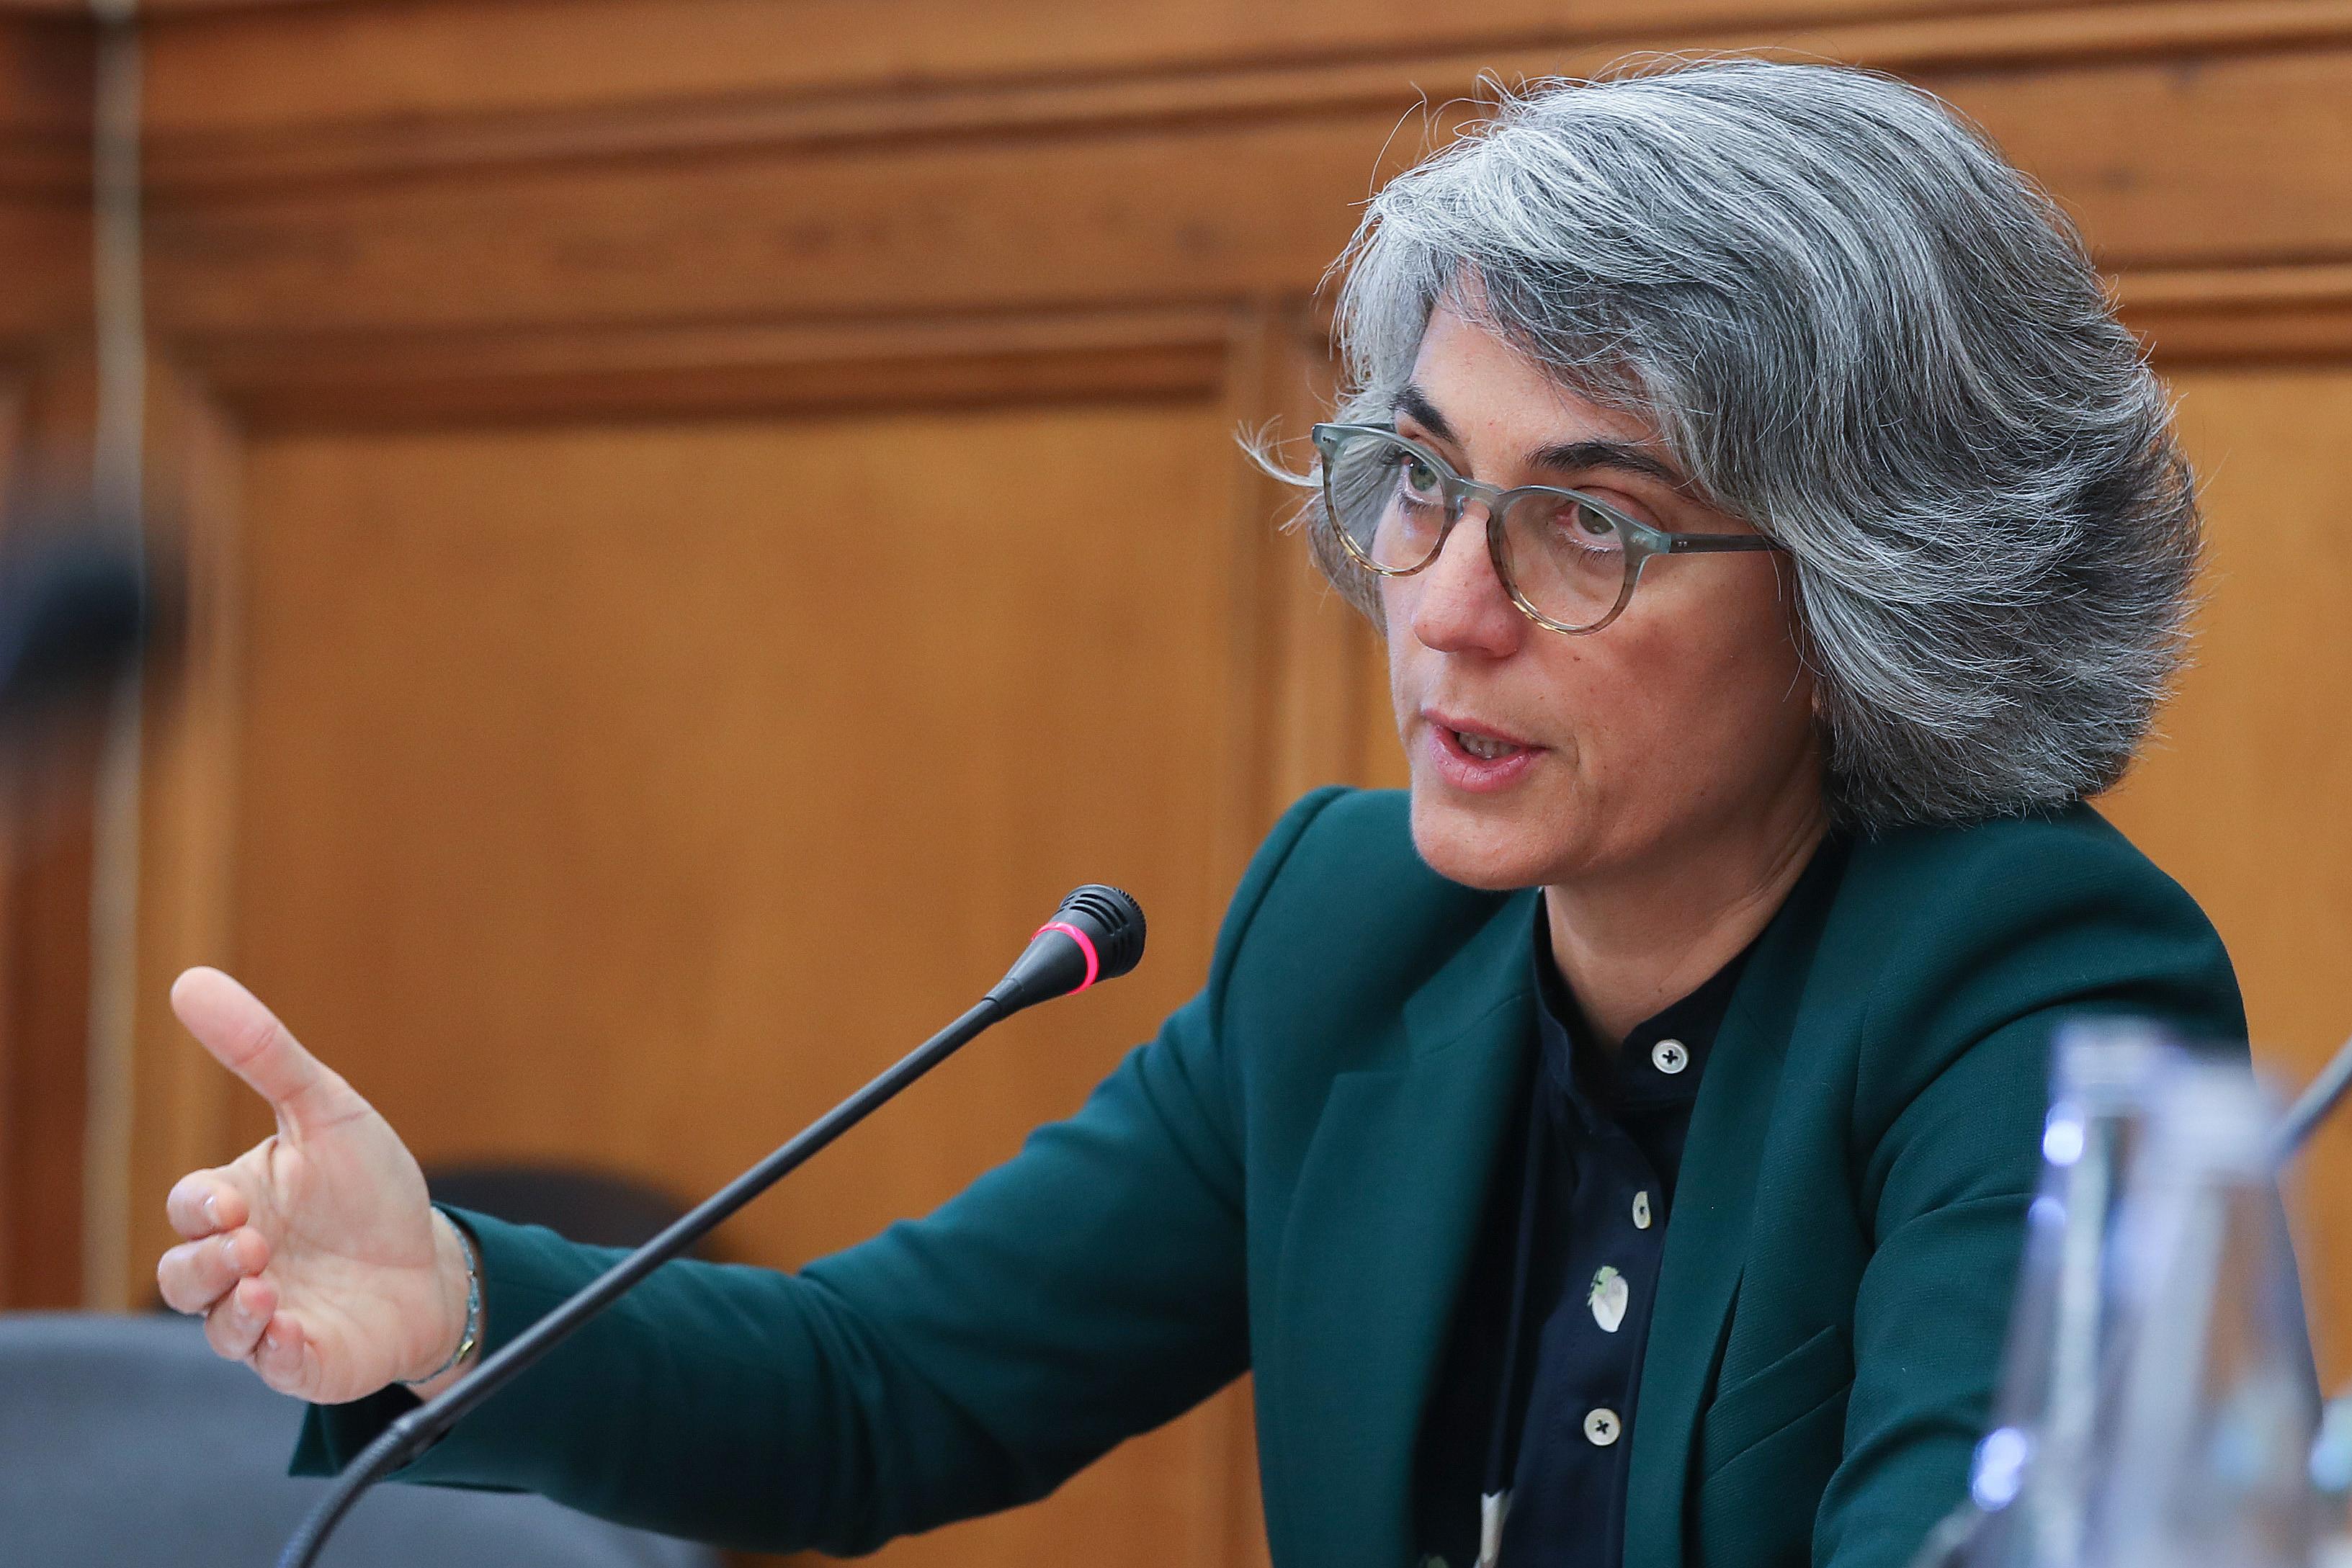 Ministra espera conclusão célere de integração de precários da Lusa